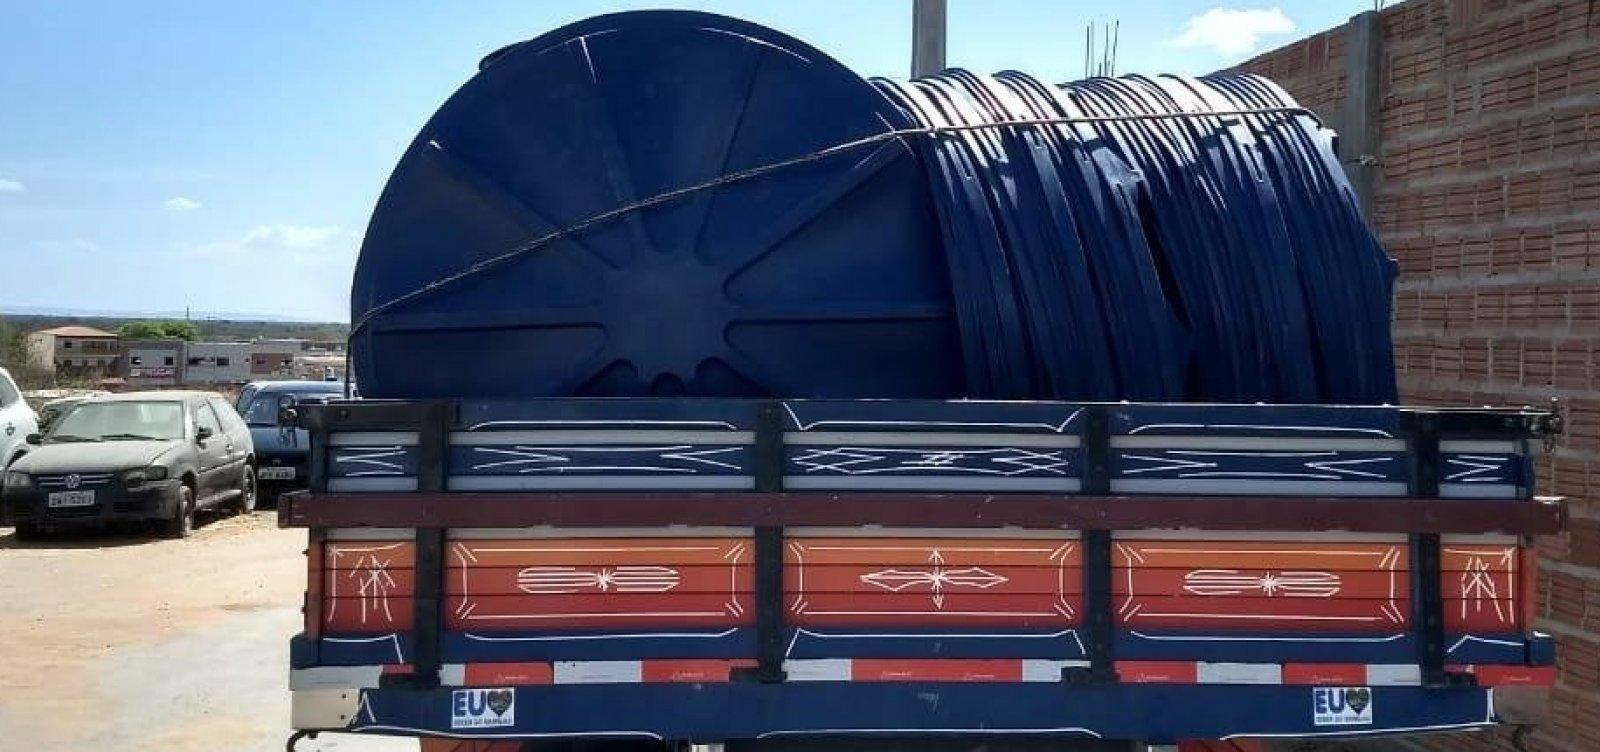 [Por suspeita de compra de votos, caminhão é apreendido com 150 caixas d'água na Bahia]